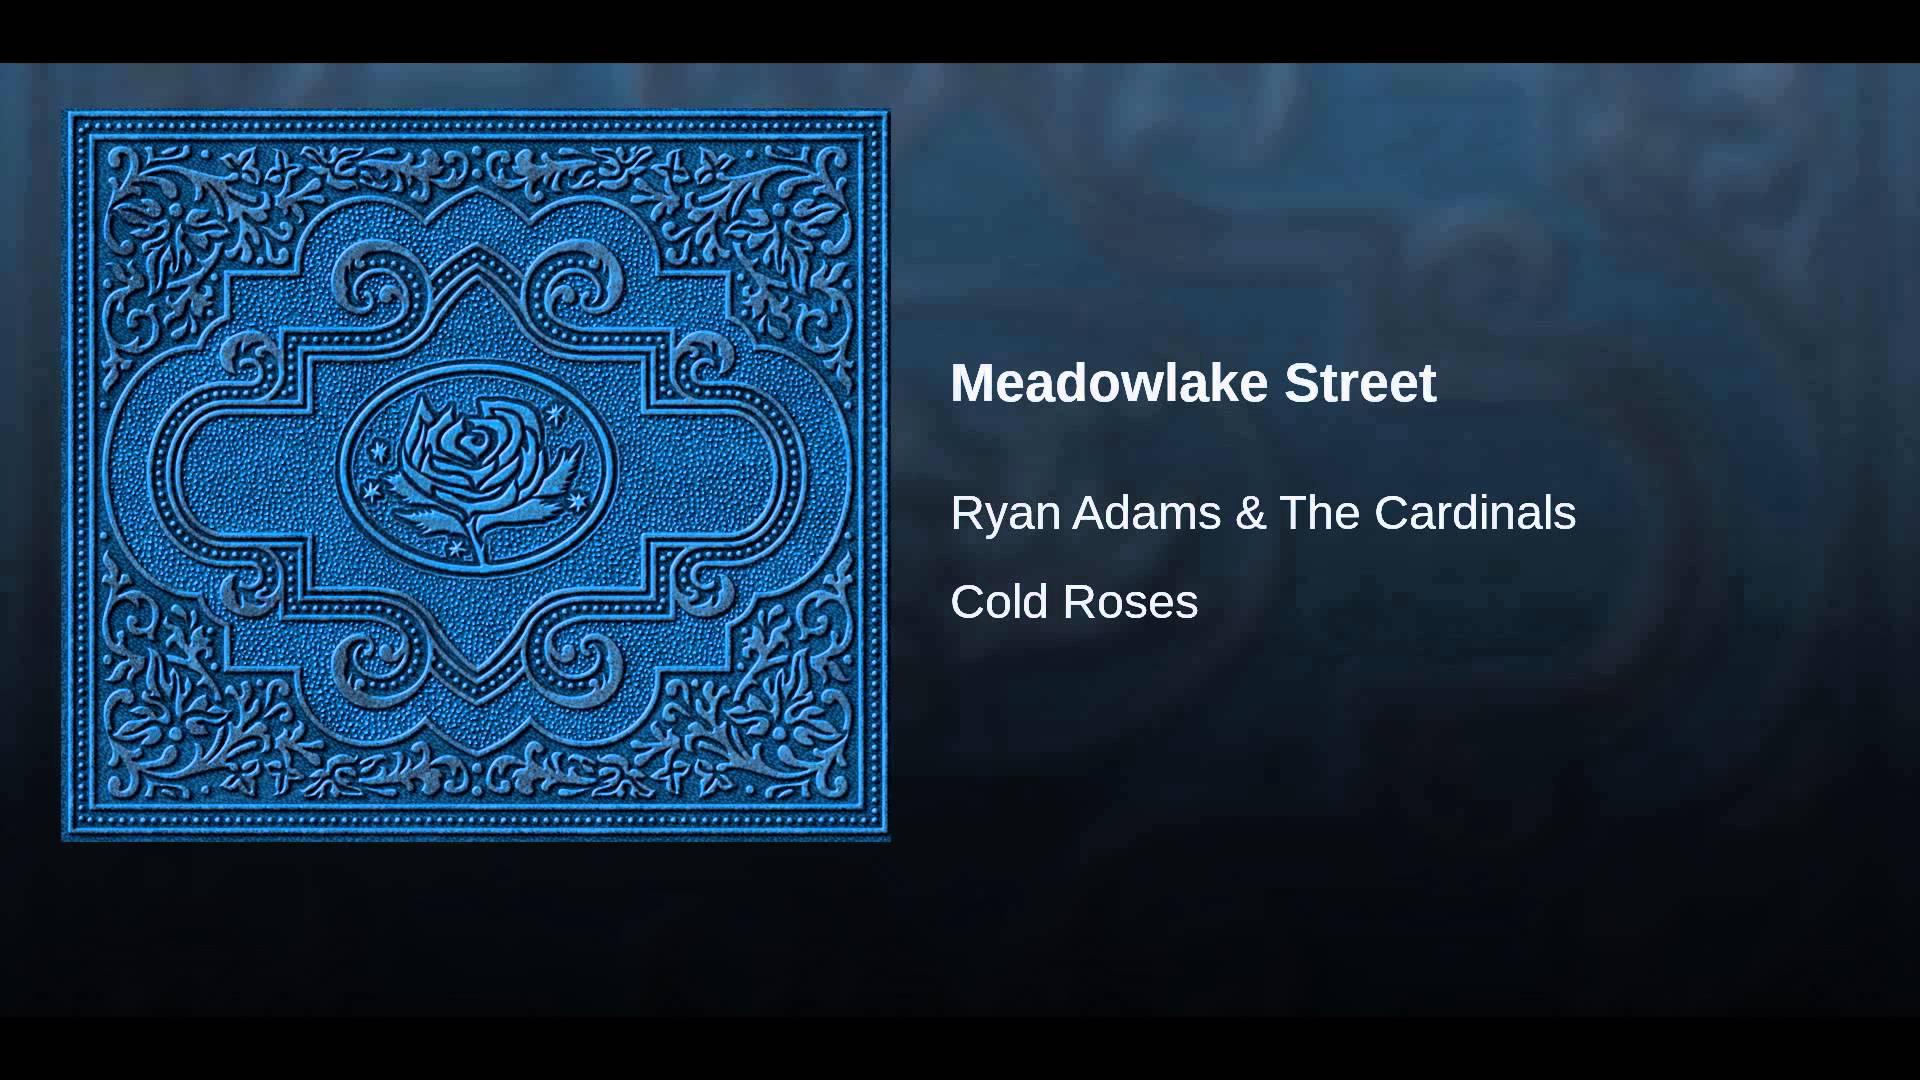 Ryan Adams:  Meadowlake Street